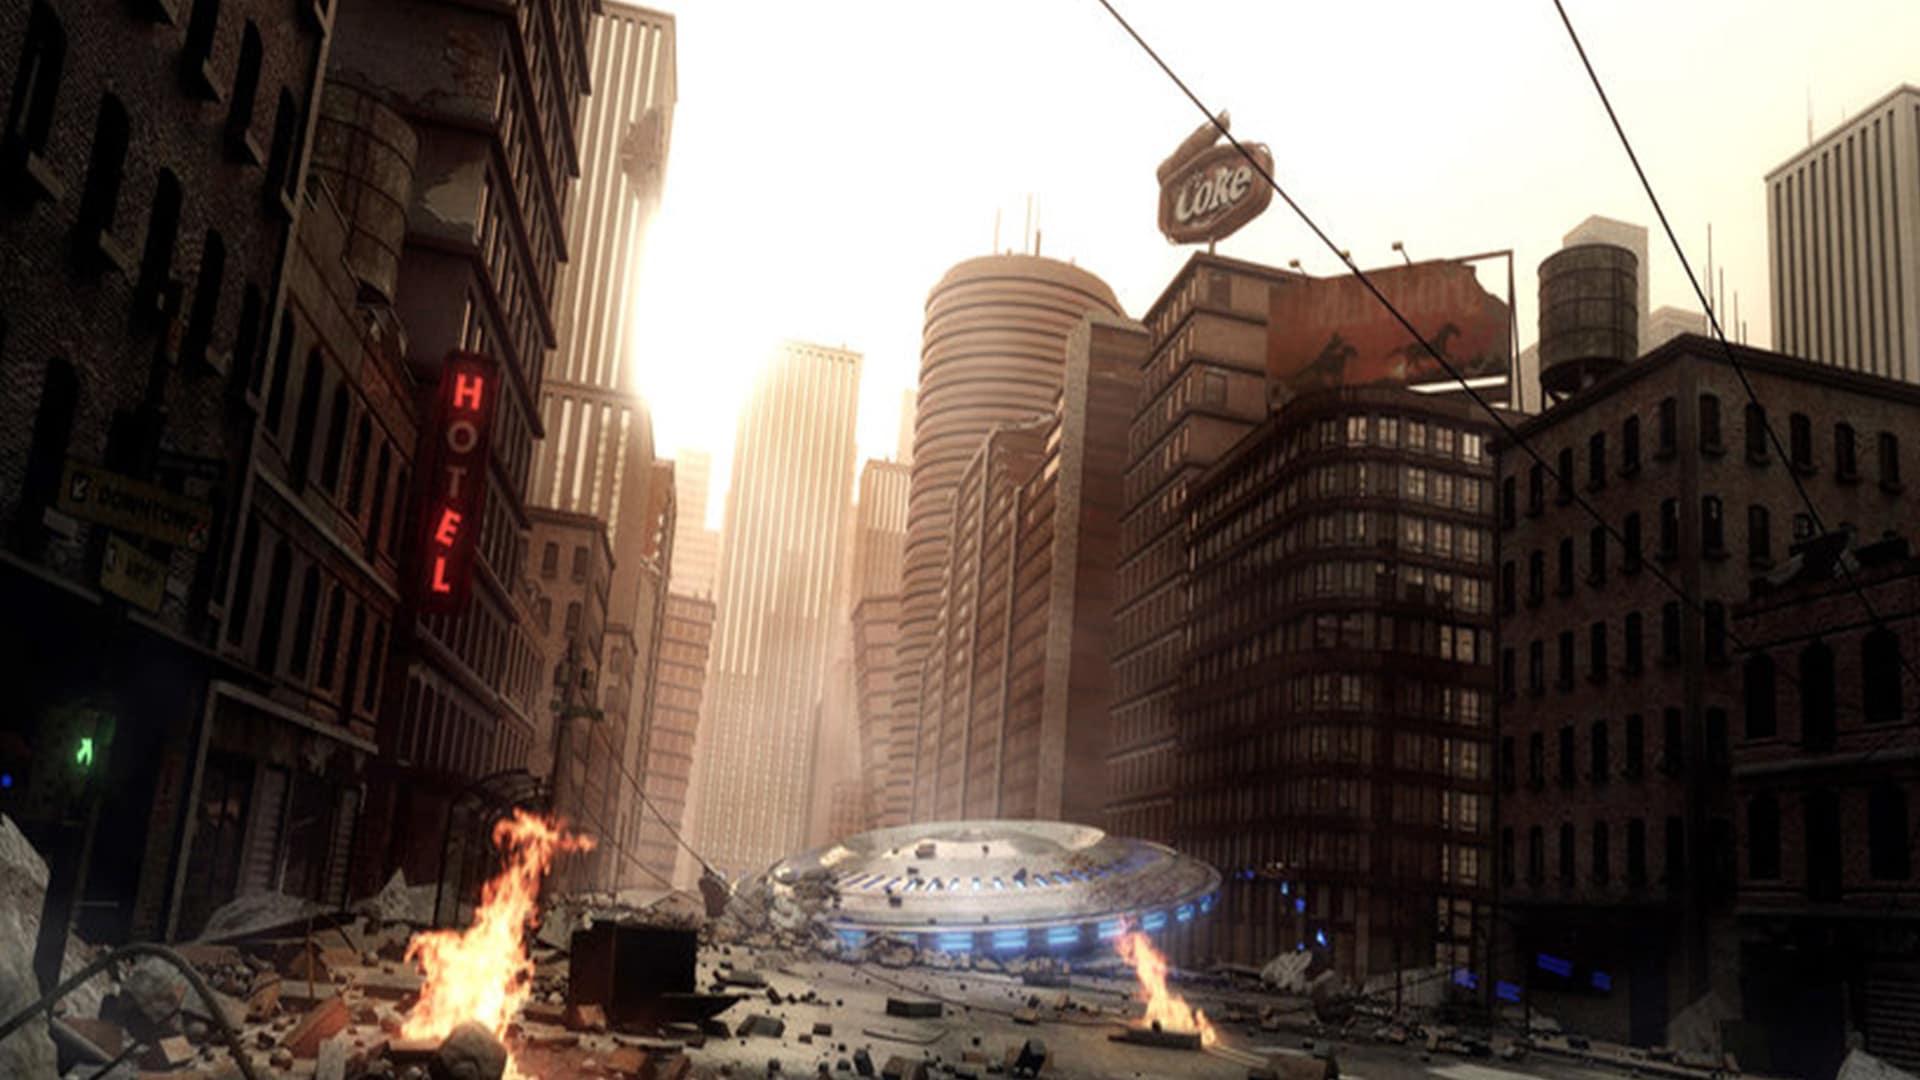 Año 2019 podría ser el año de la divulgación extraterrestre